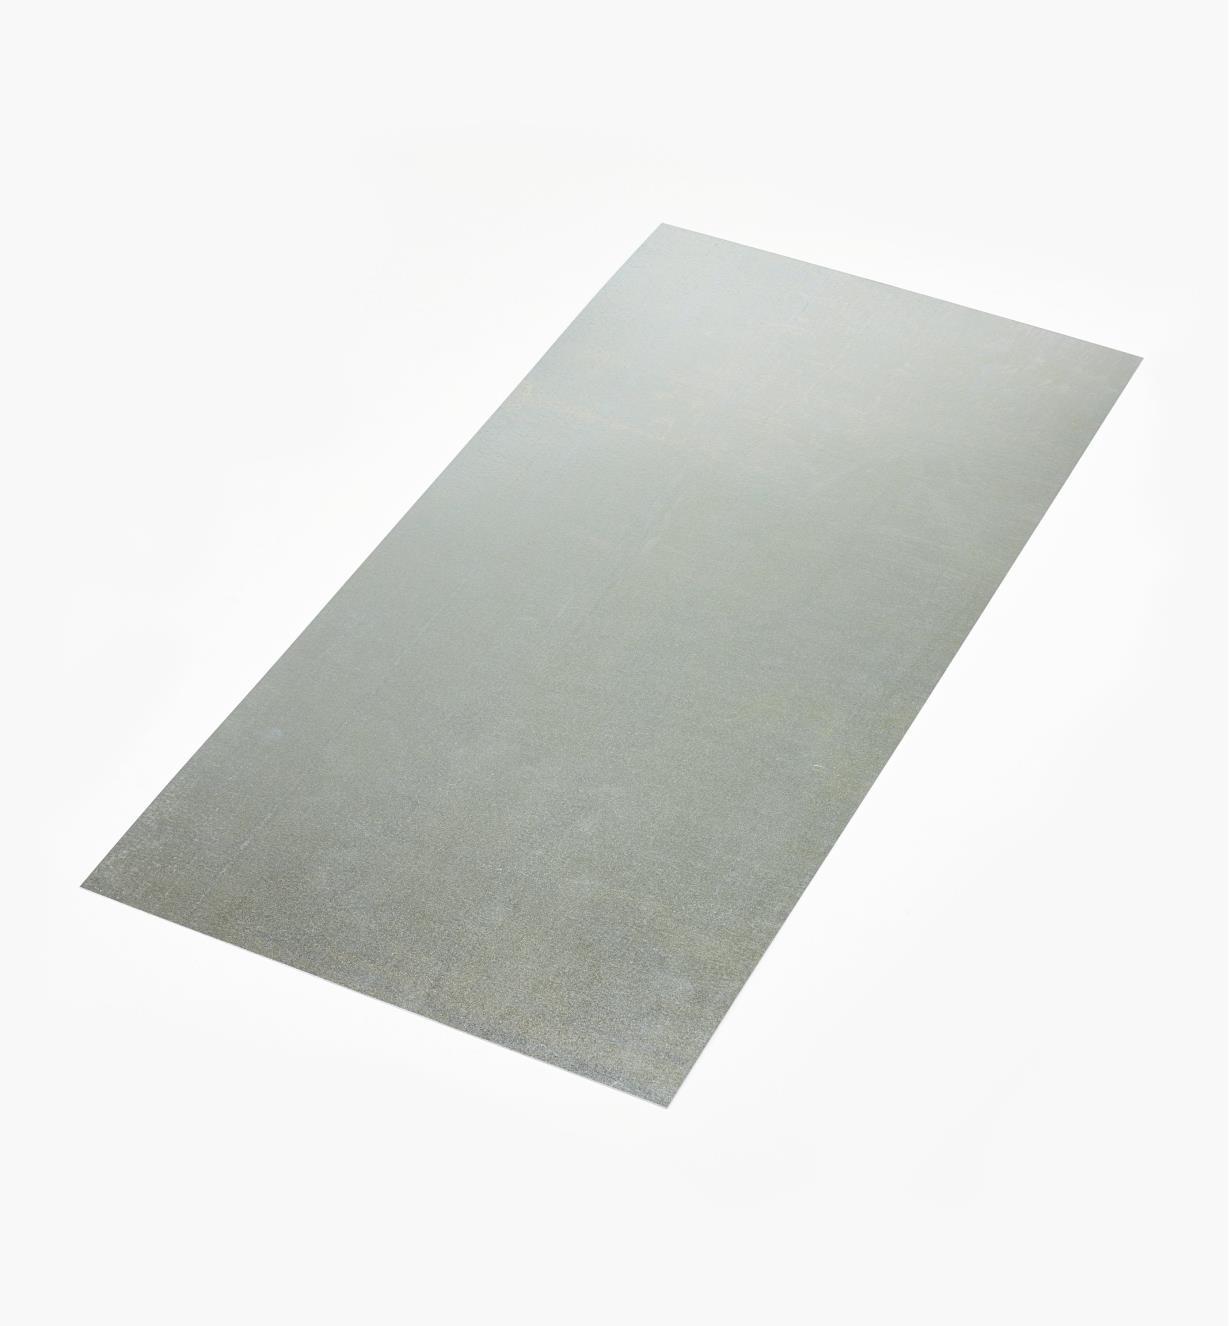 88K9610 - Panneau de 24 po x 12 po, semi-mat